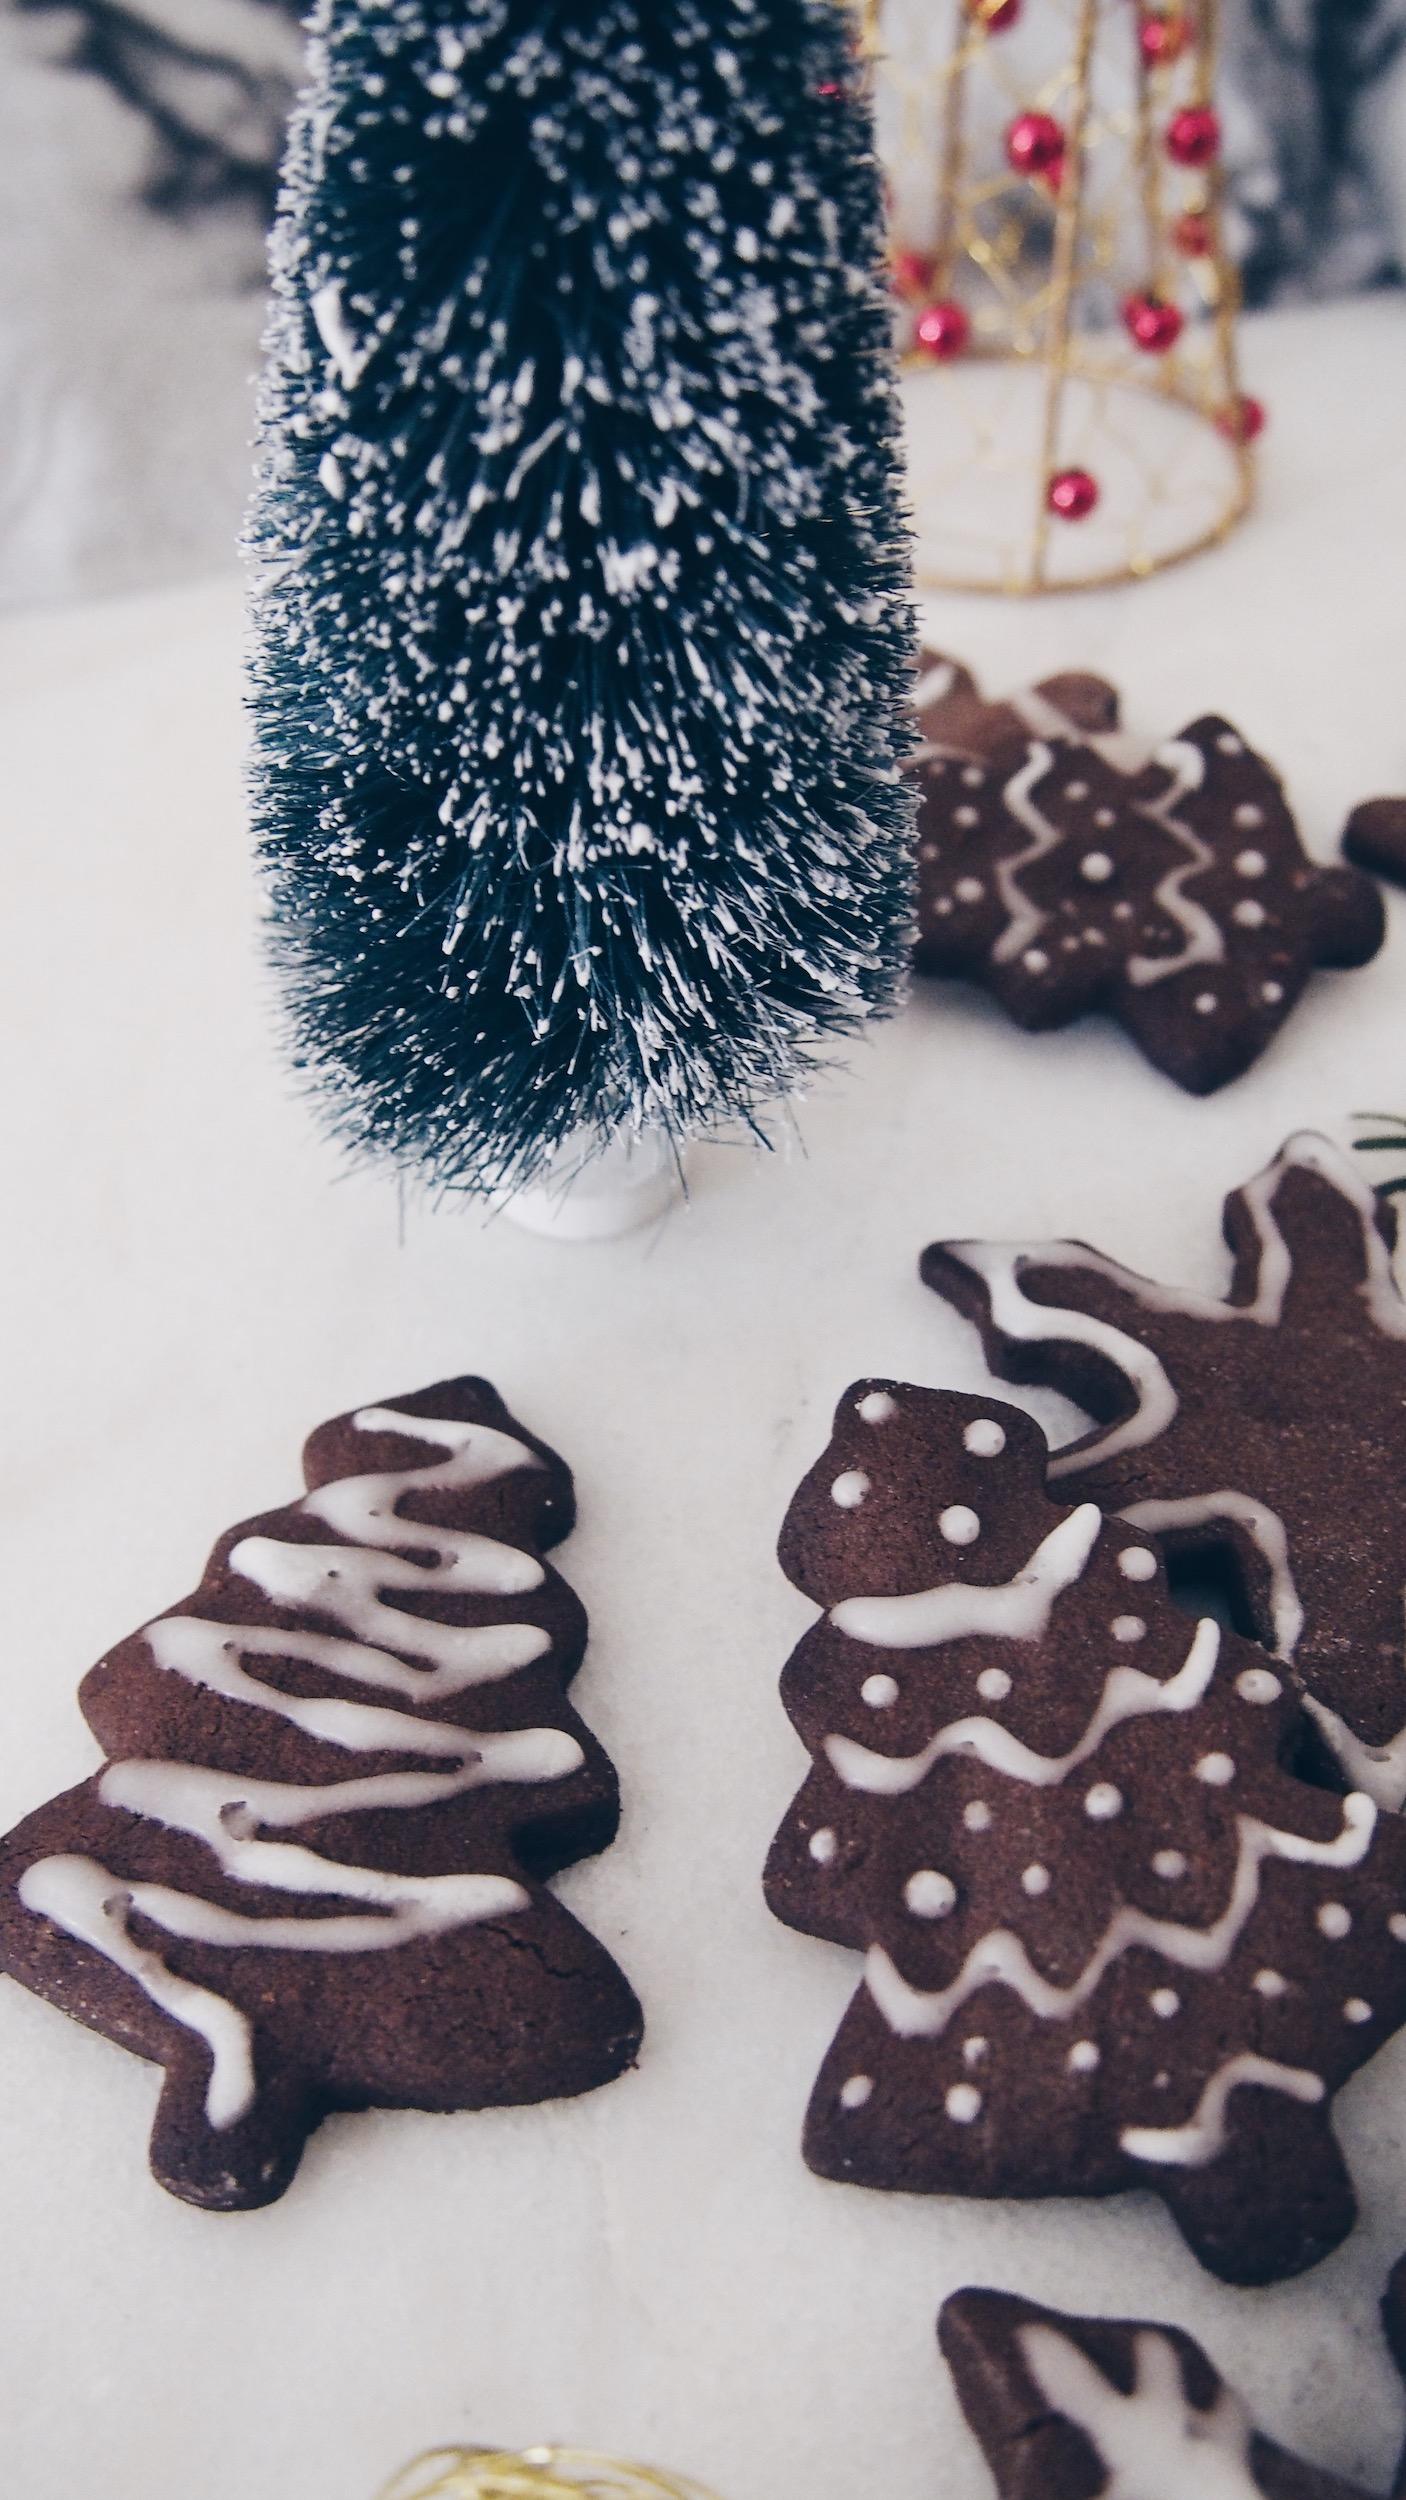 sablés-noel-canelle-cacao-clémentine